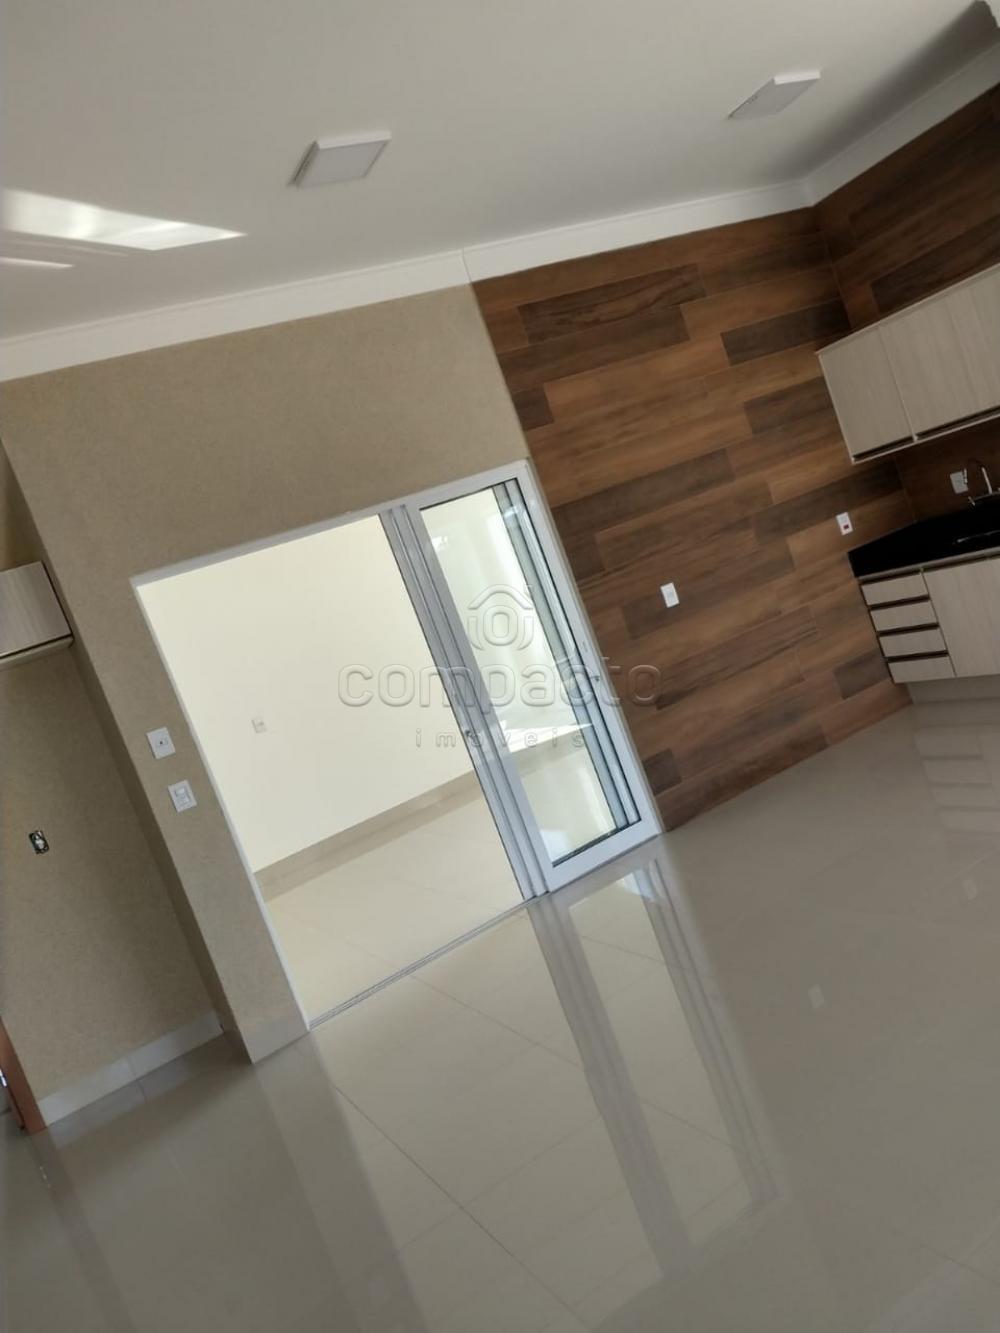 Comprar Casa / Condomínio em Mirassol apenas R$ 800.000,00 - Foto 24